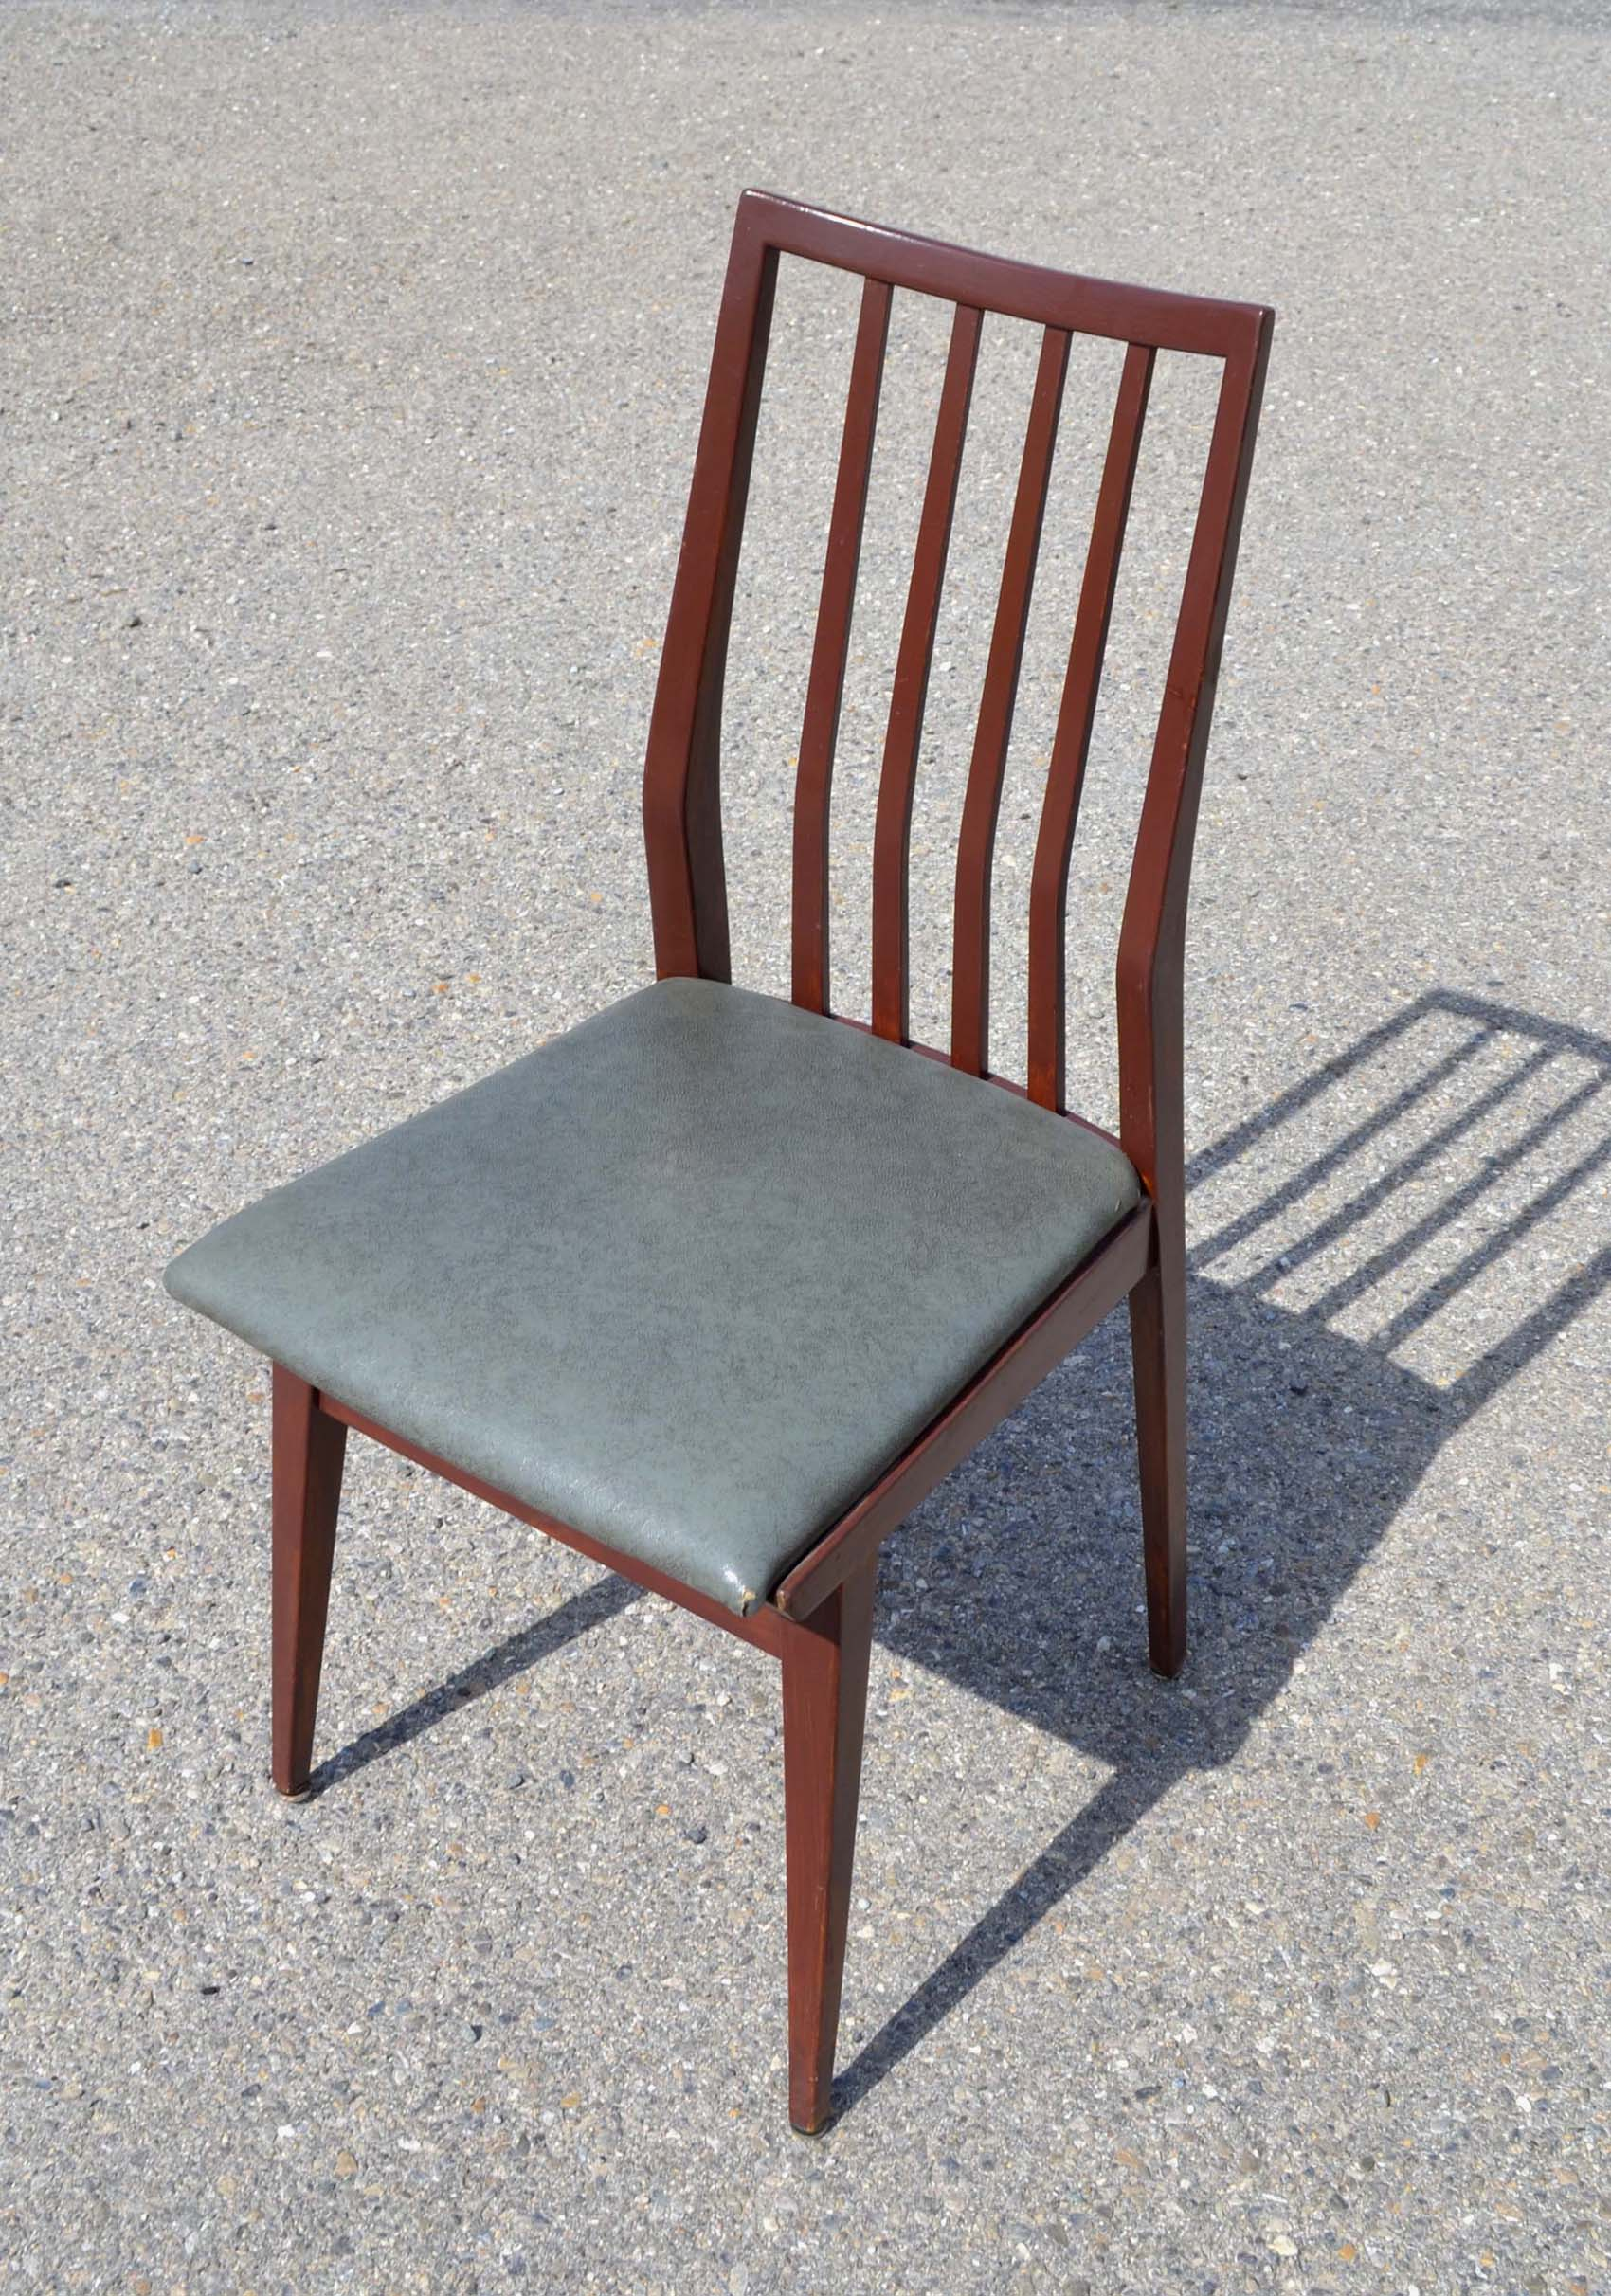 Des chaises design vintage des ann es 1950 80 de for Chaise annee 80